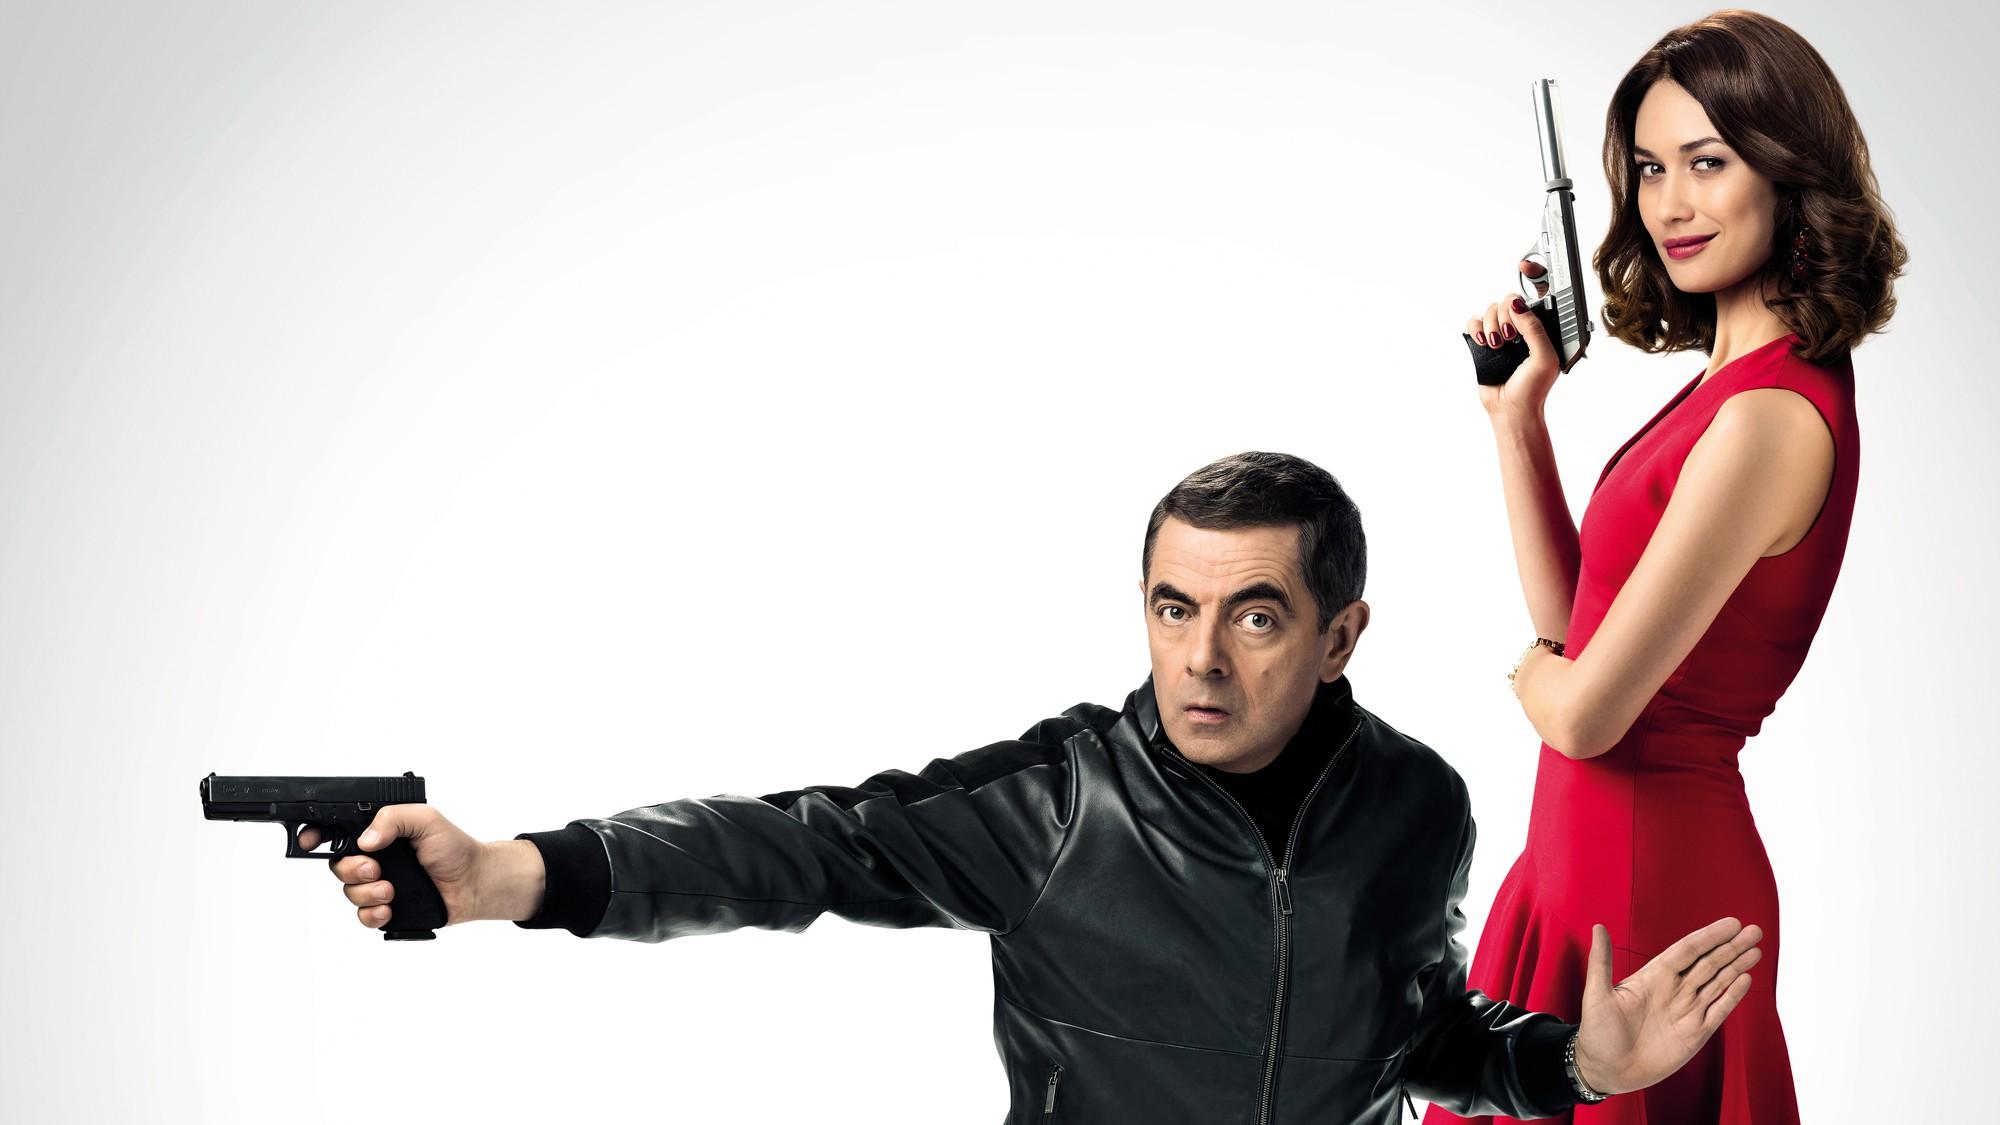 Johnny English 3: Không phải điệp viên, mà là Mr. Bean tái xuất - Ảnh 2.